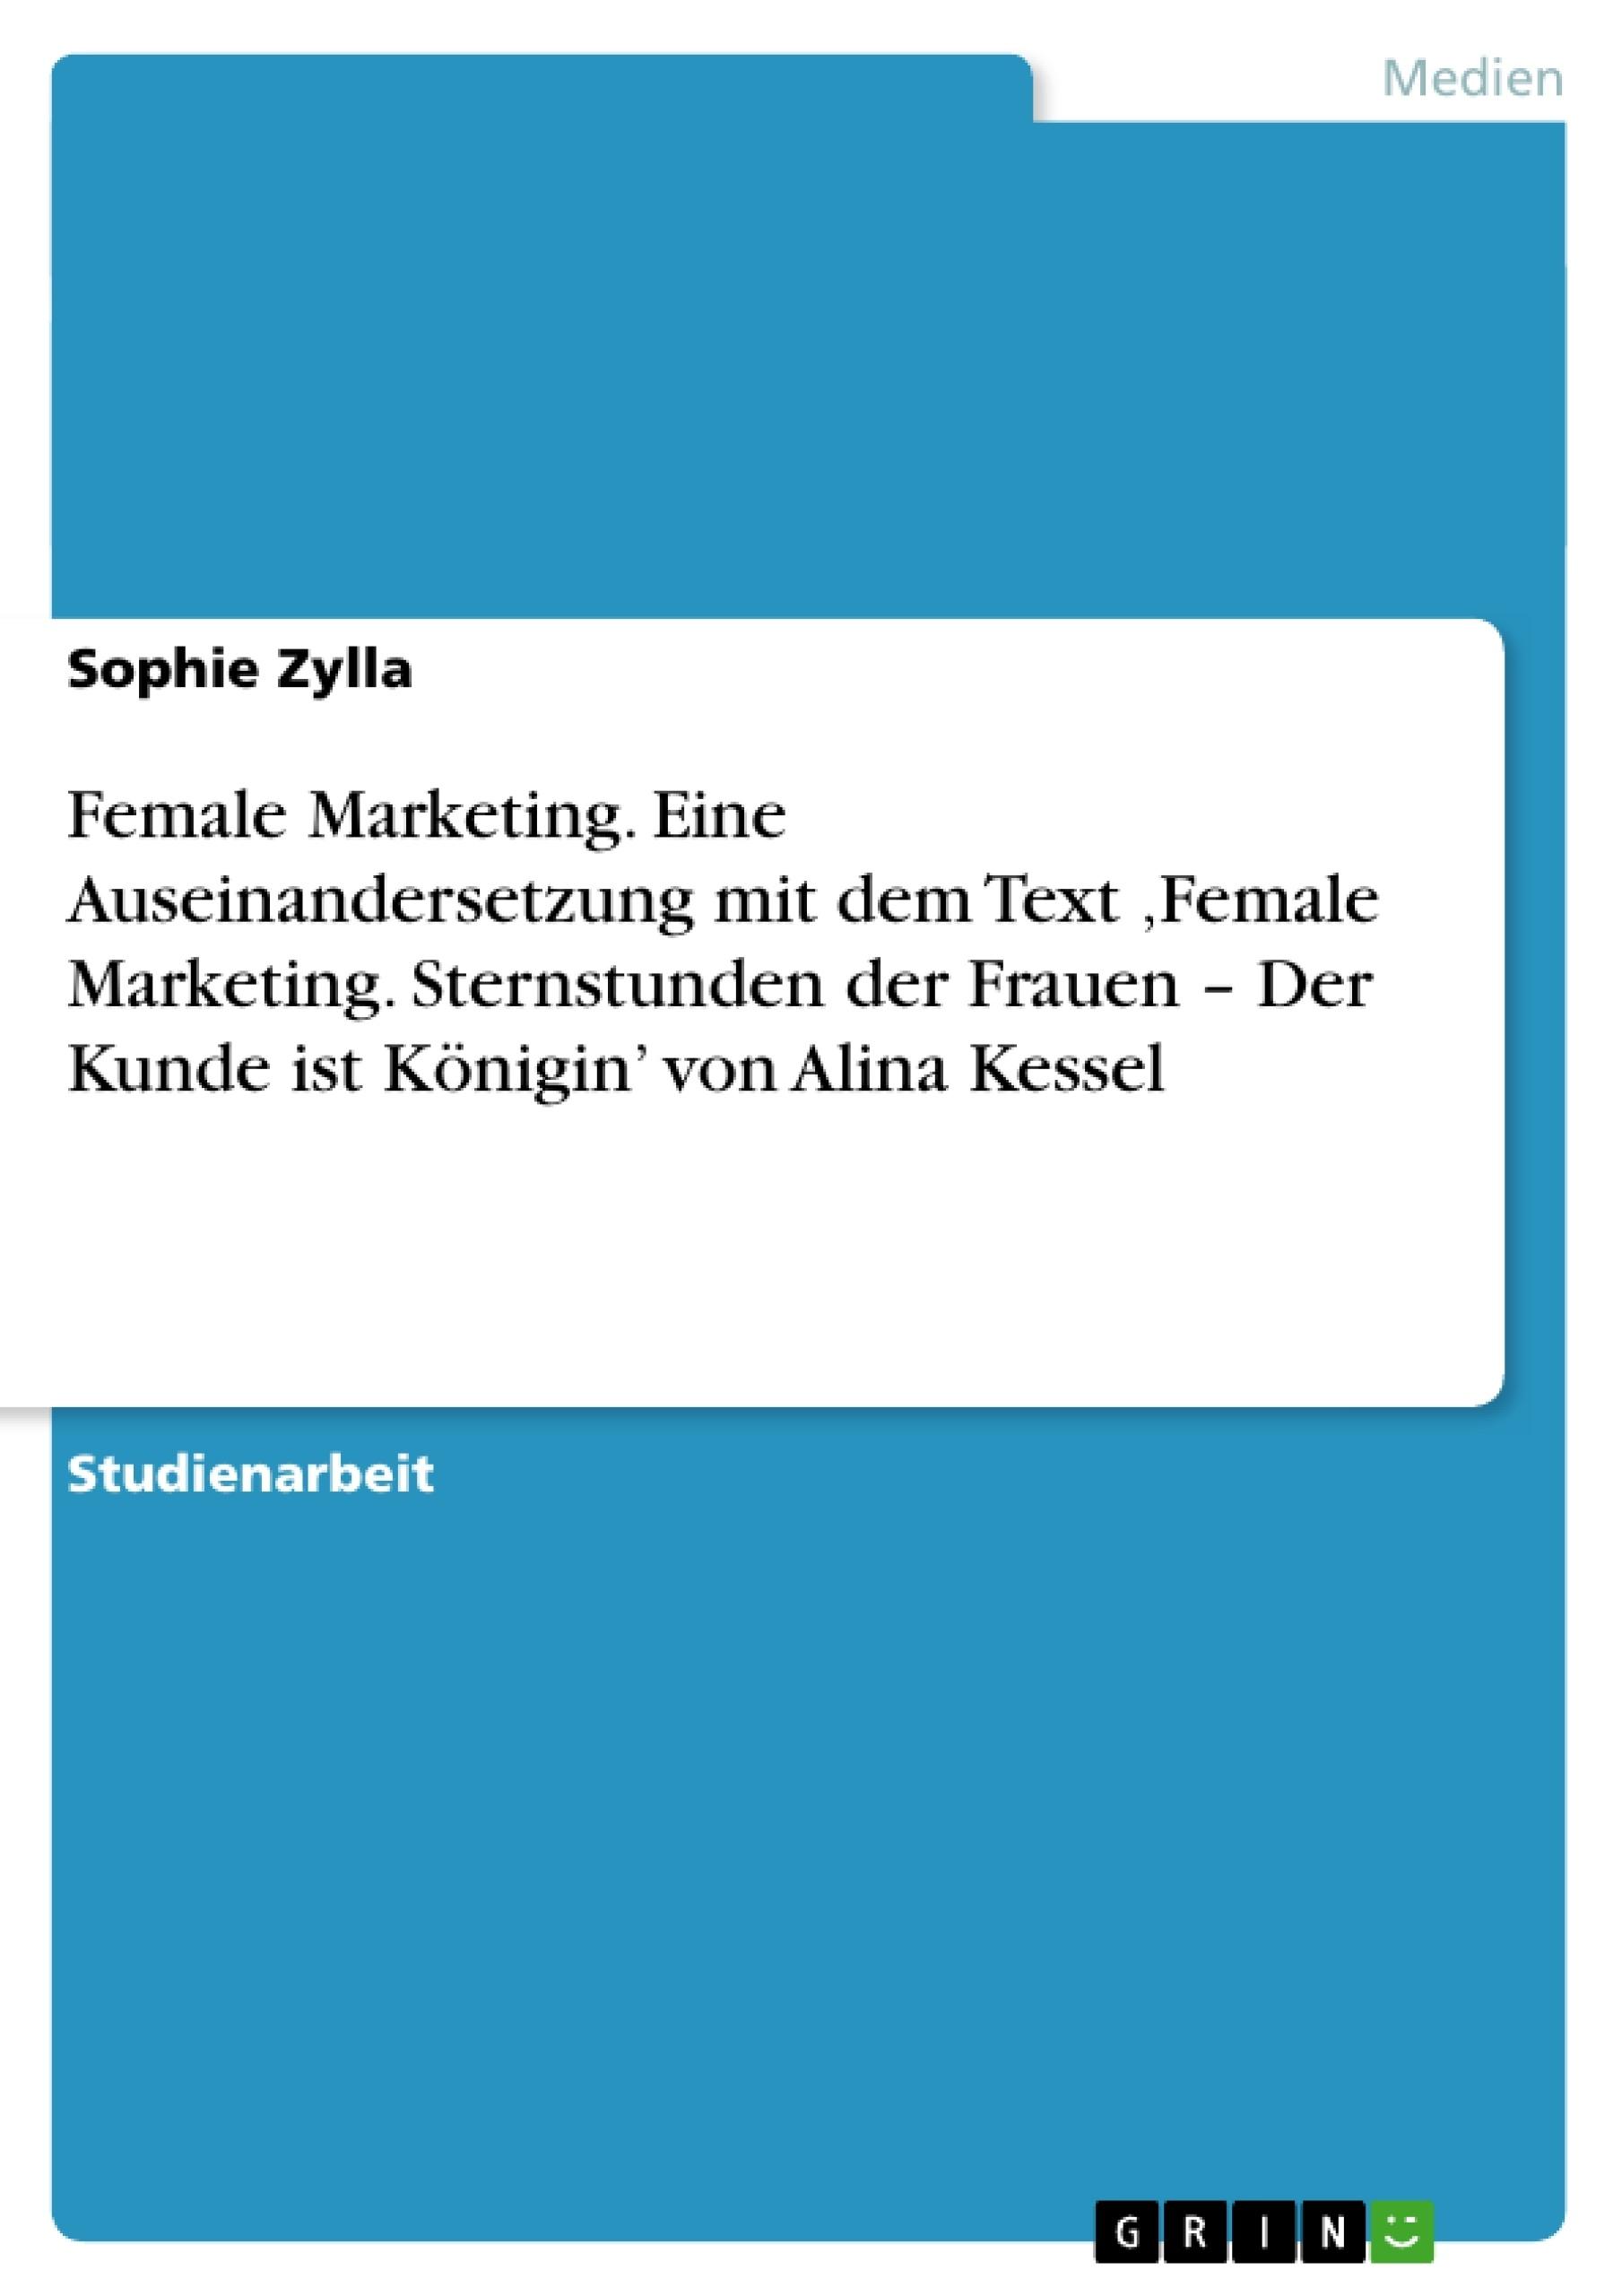 Titel: Female Marketing. Eine Auseinandersetzung mit dem Text 'Female Marketing. Sternstunden der Frauen – Der Kunde ist Königin' von Alina Kessel